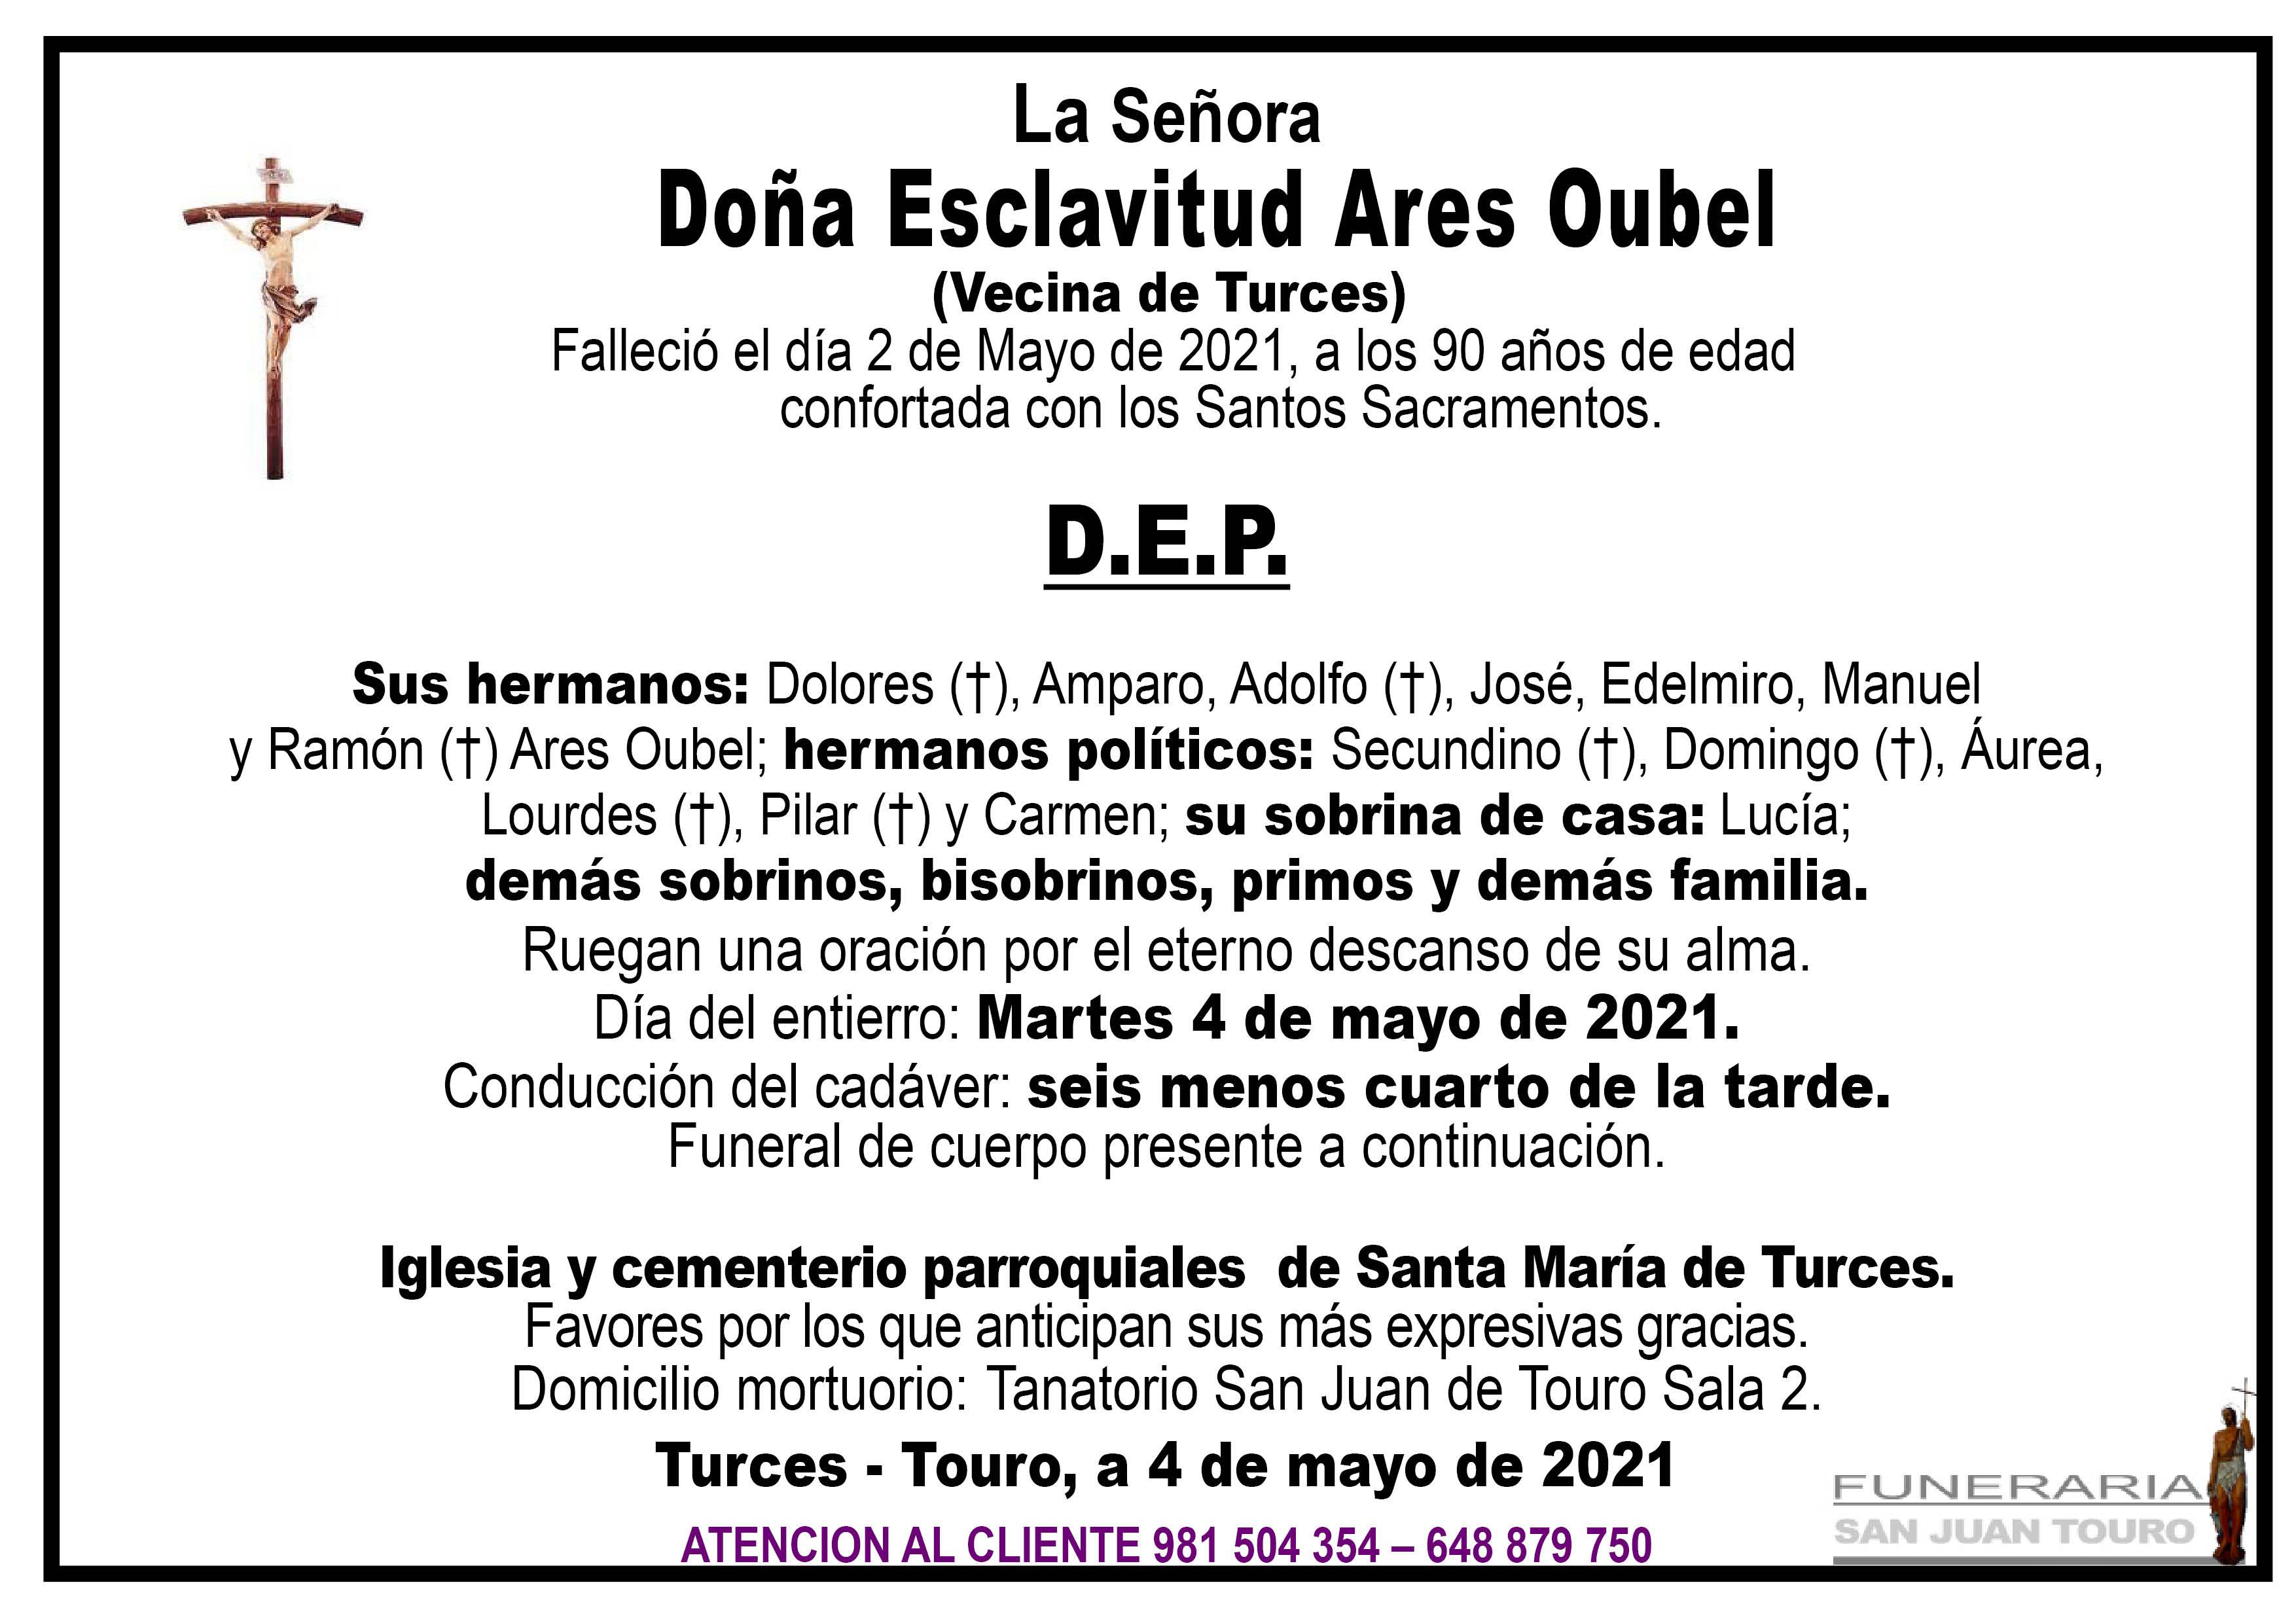 Esquela de SEPELIO DE DOÑA ESCLAVITUD ARES OUBEL